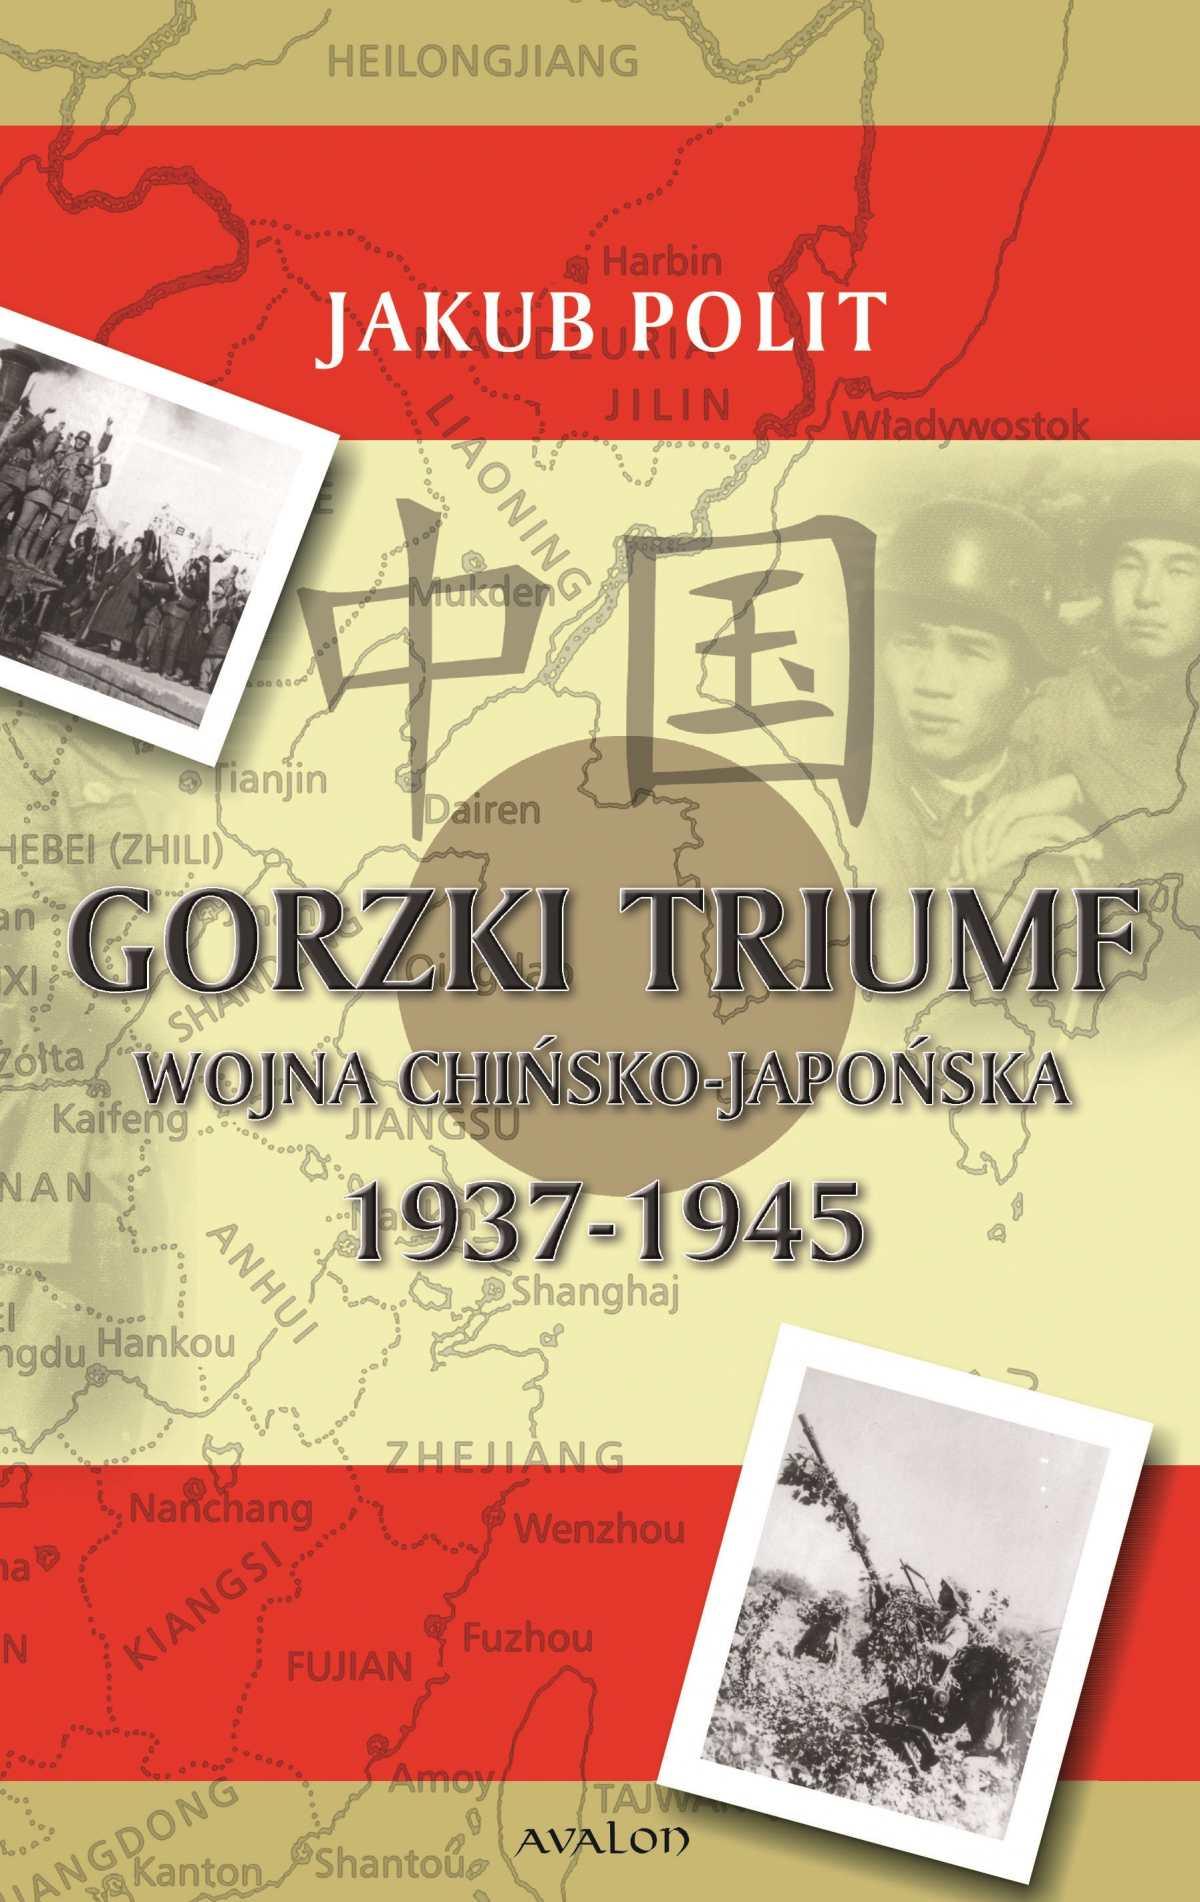 Gorzki triumf. Wojna chińsko-japońska 1937-1945 - Ebook (Książka PDF) do pobrania w formacie PDF